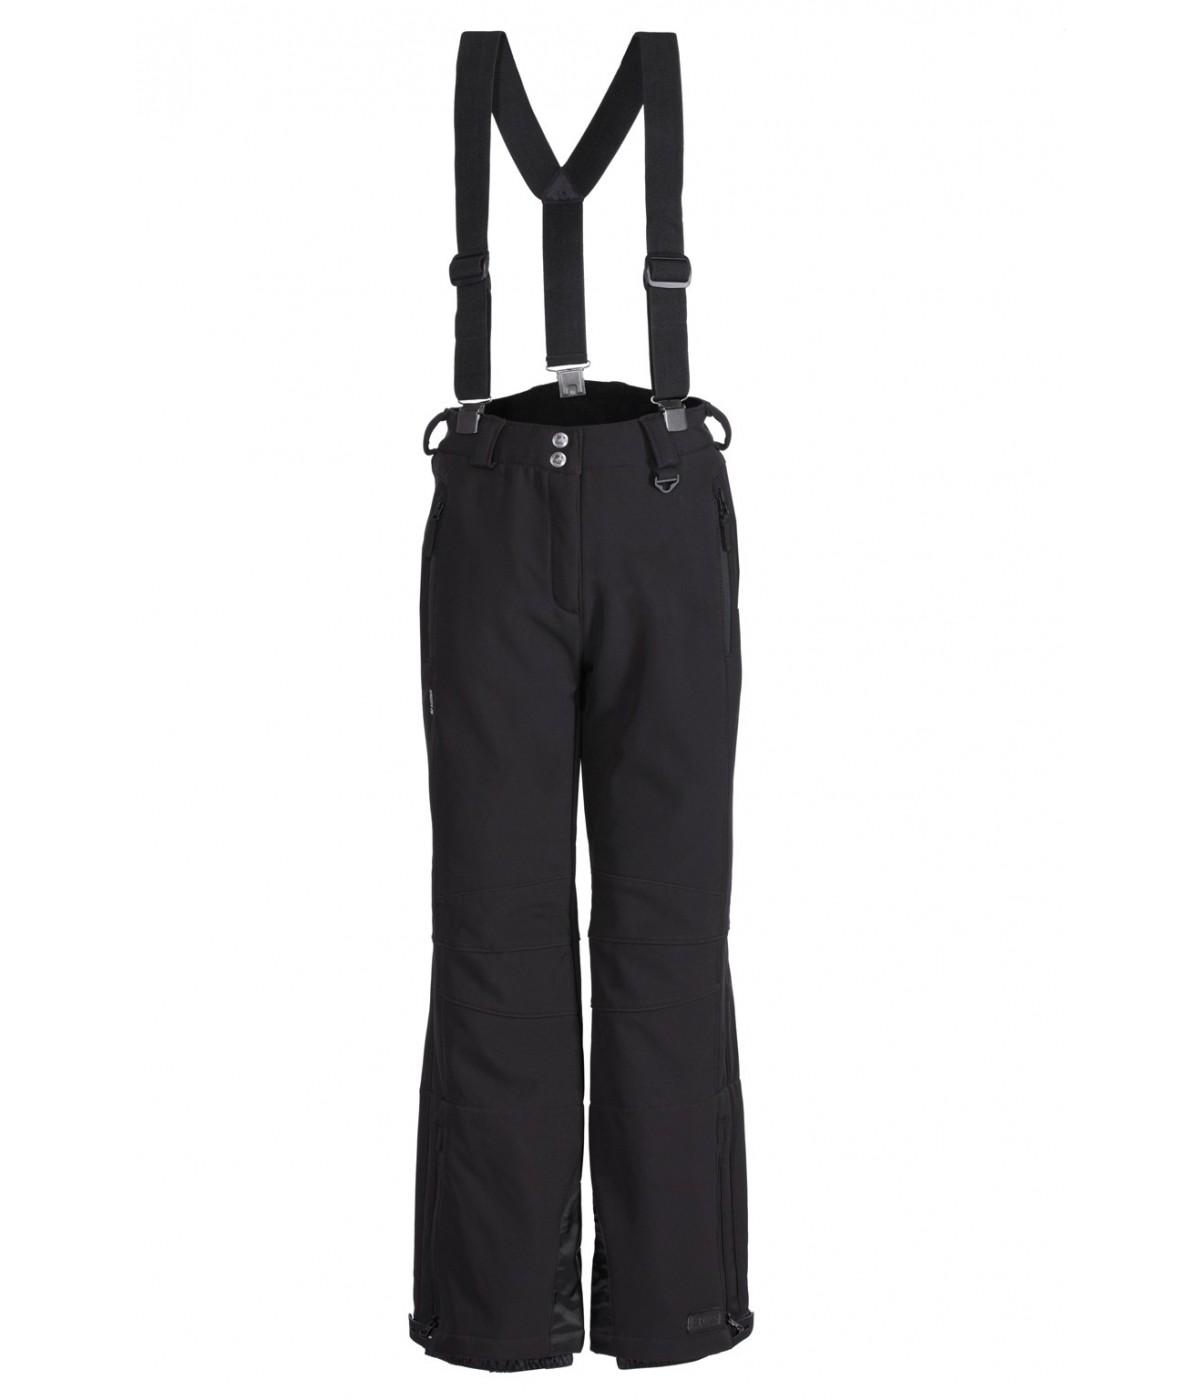 Pantalon de Ski Killtec Femme Natalya Noir